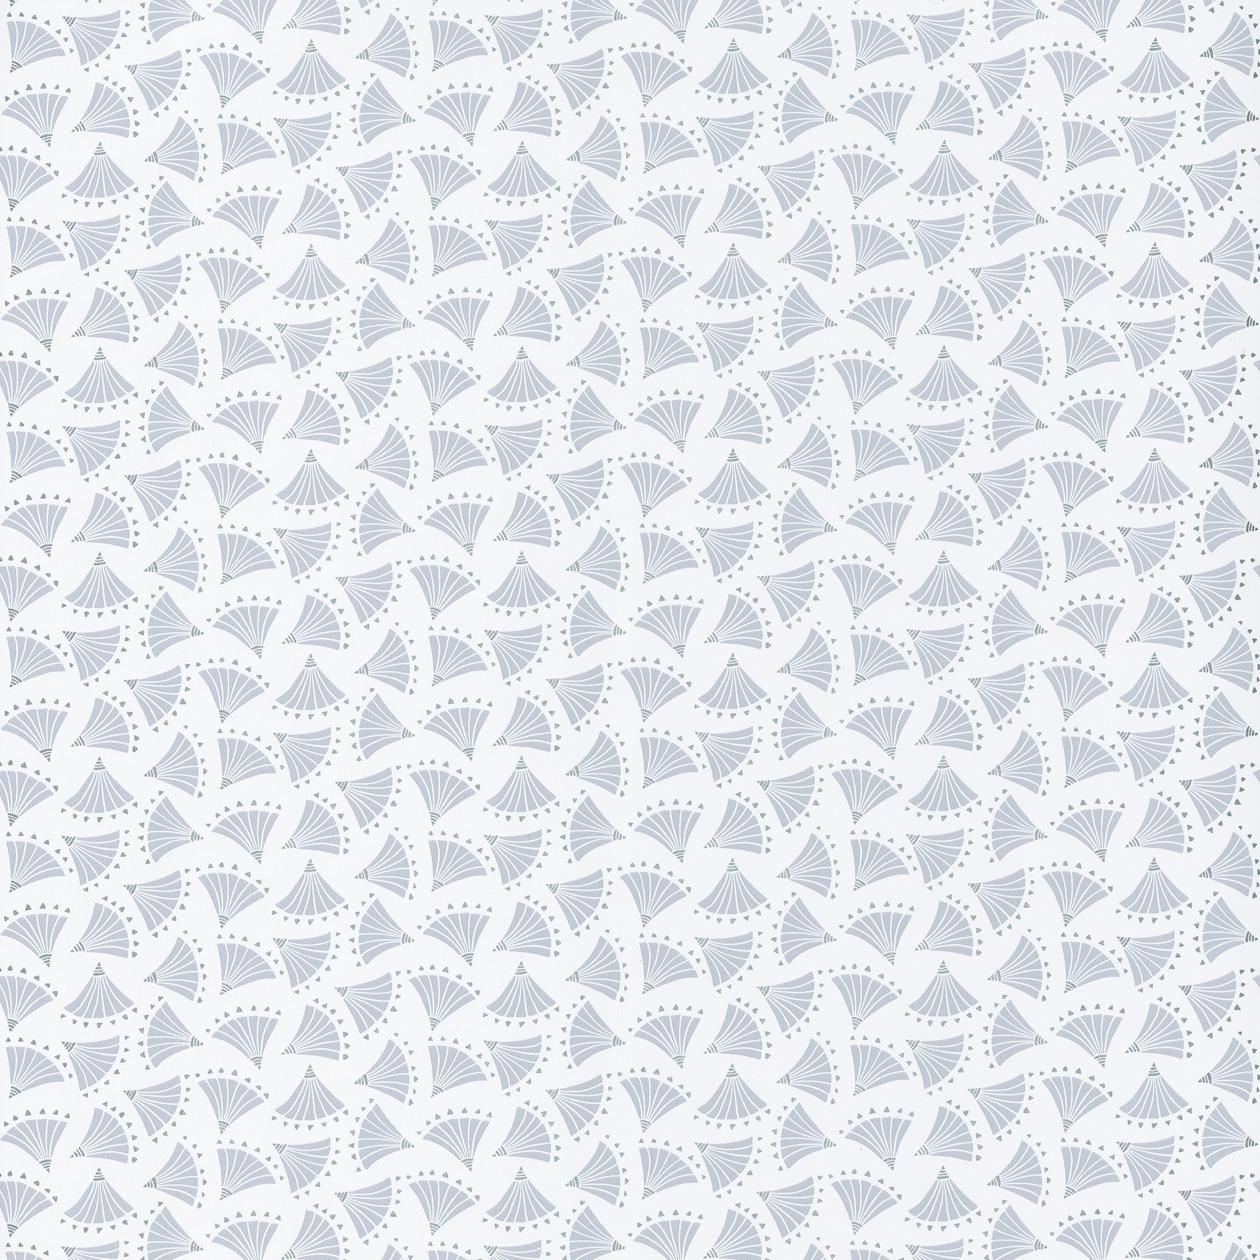 Tapéta legyező mintával halvány kék színben japán stílusban